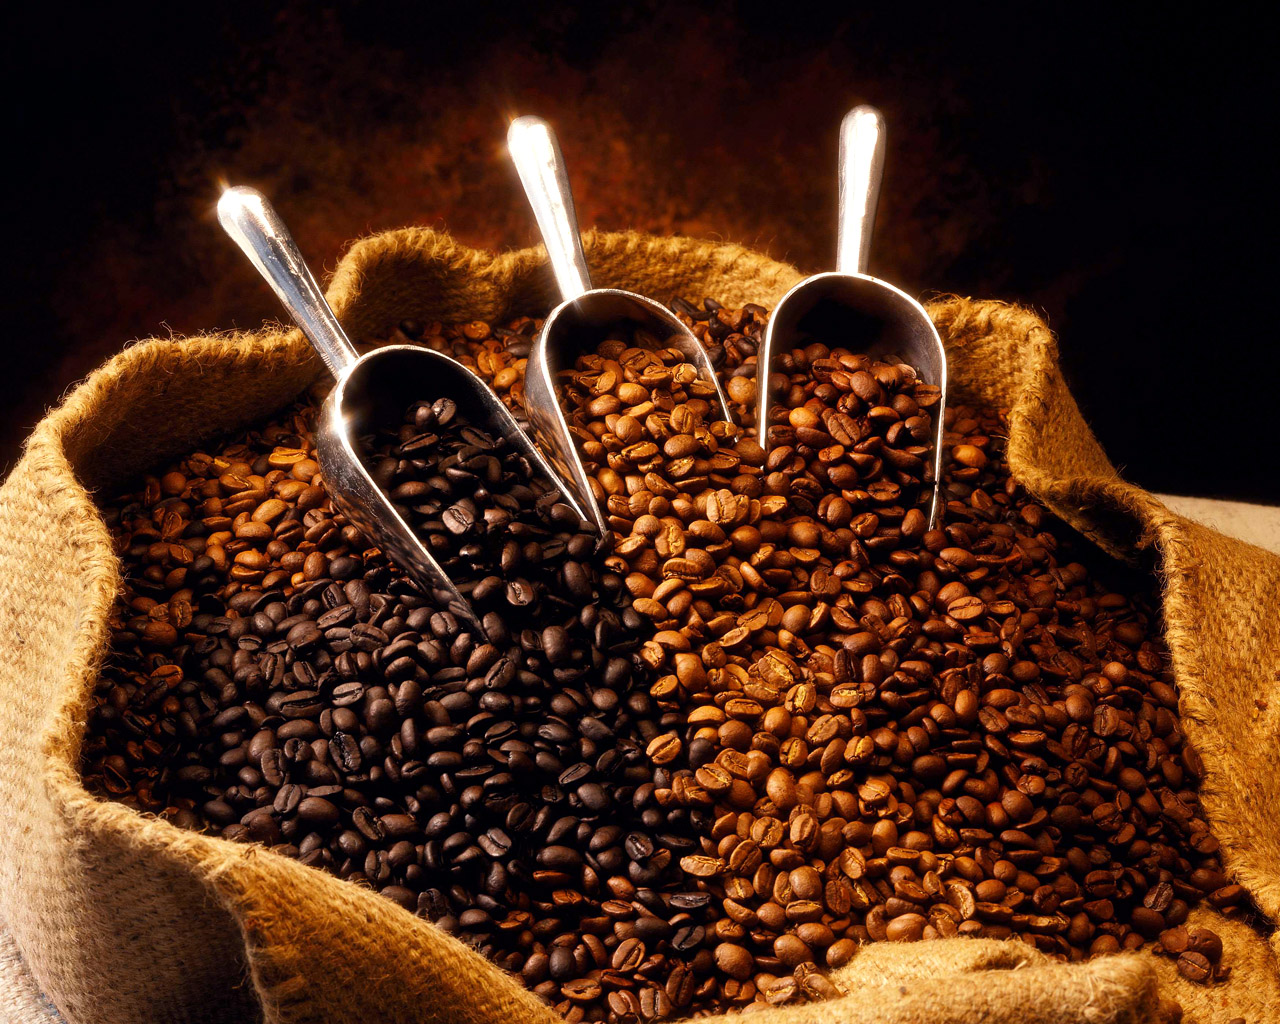 бесплатные обои для рабочего стола / кофейные зерна в мешках